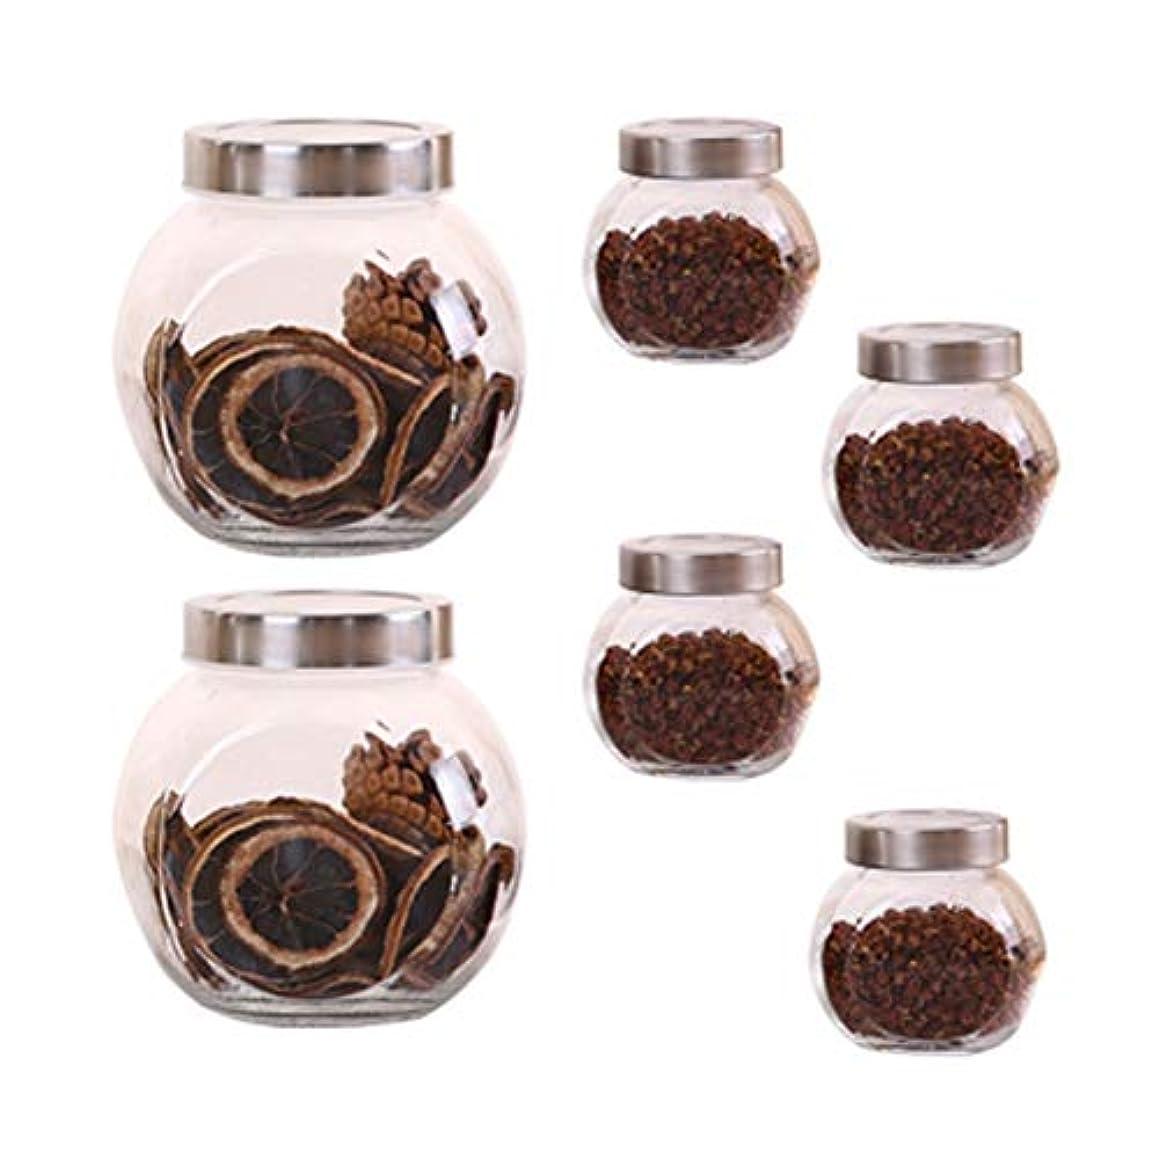 対のぞき穴統計的6個の鉛フリーガラスドライフルーツシール保湿ストレージジャーのストレージジャーパック(6パック)